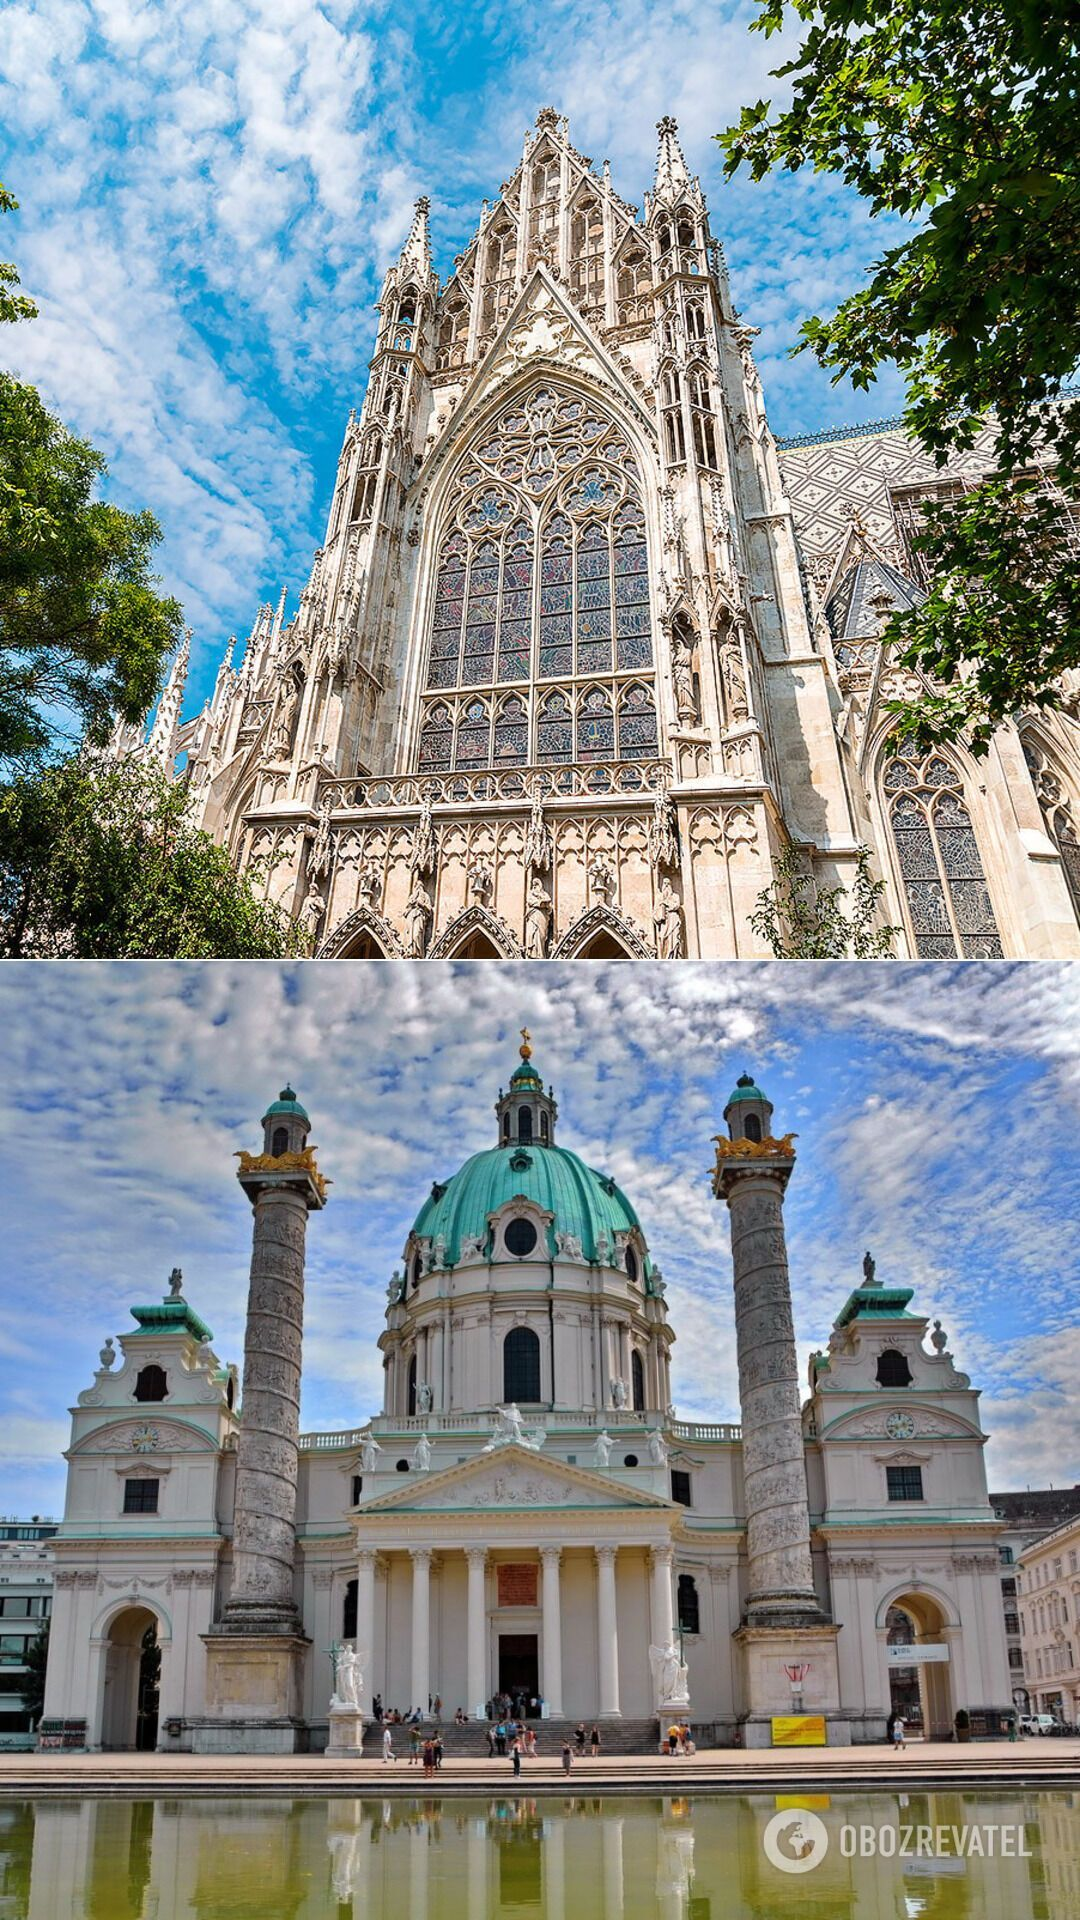 Удивительные храмы Вены. Вотивкирхе и Карлскирхе.